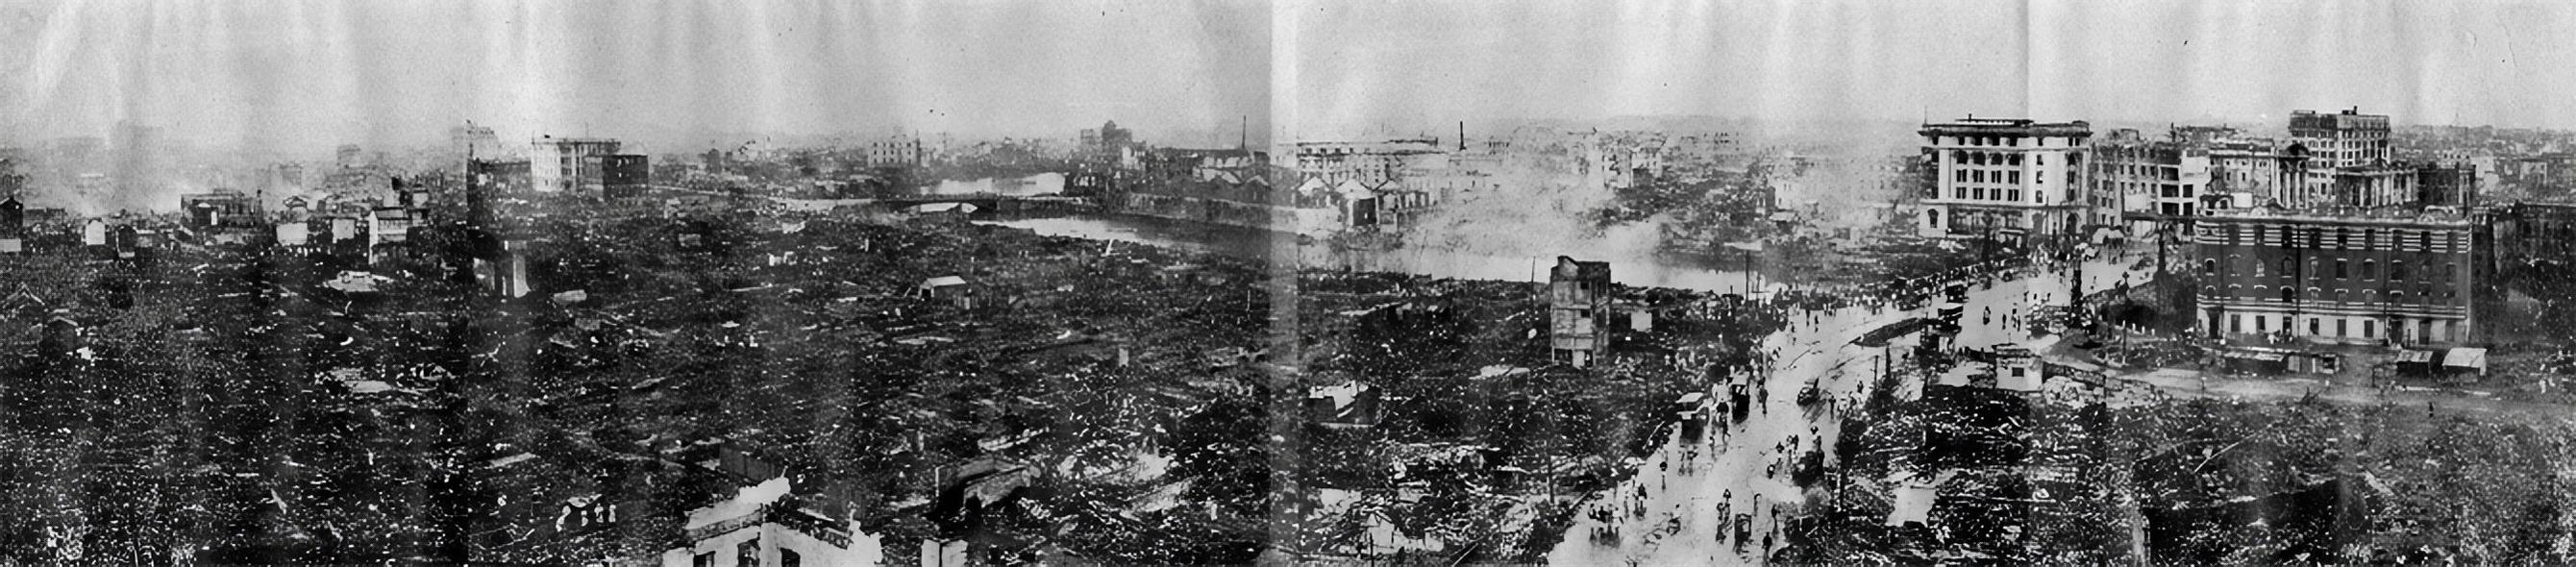 Desolation of Nihonbashi and Kanda after Kanto Earthquake.jpg